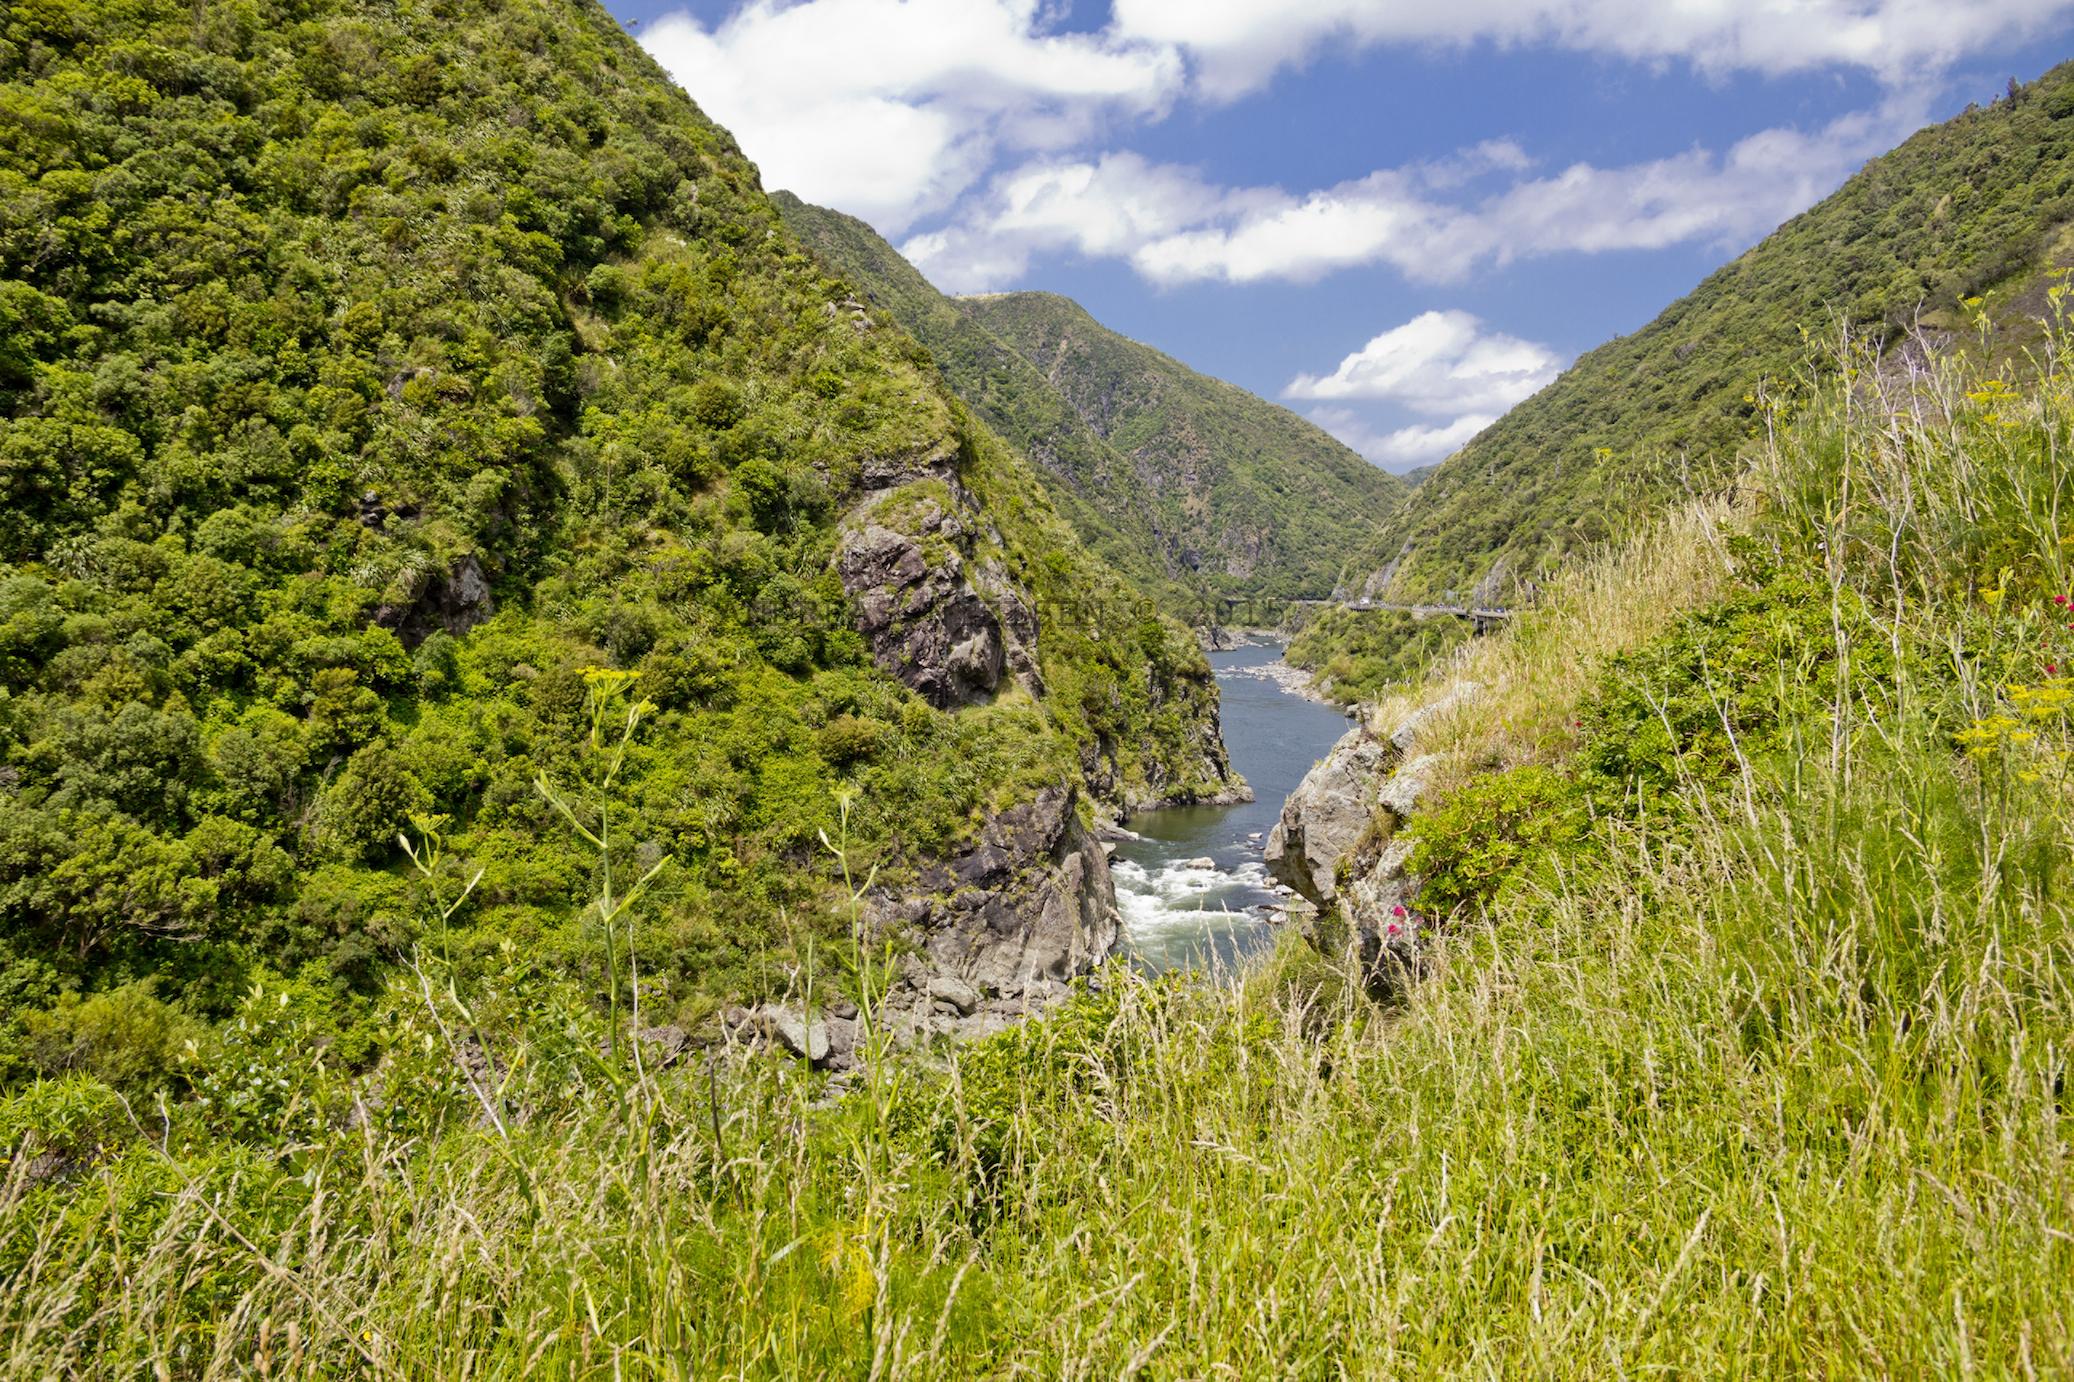 Flod skærer sig igennem bjergene.